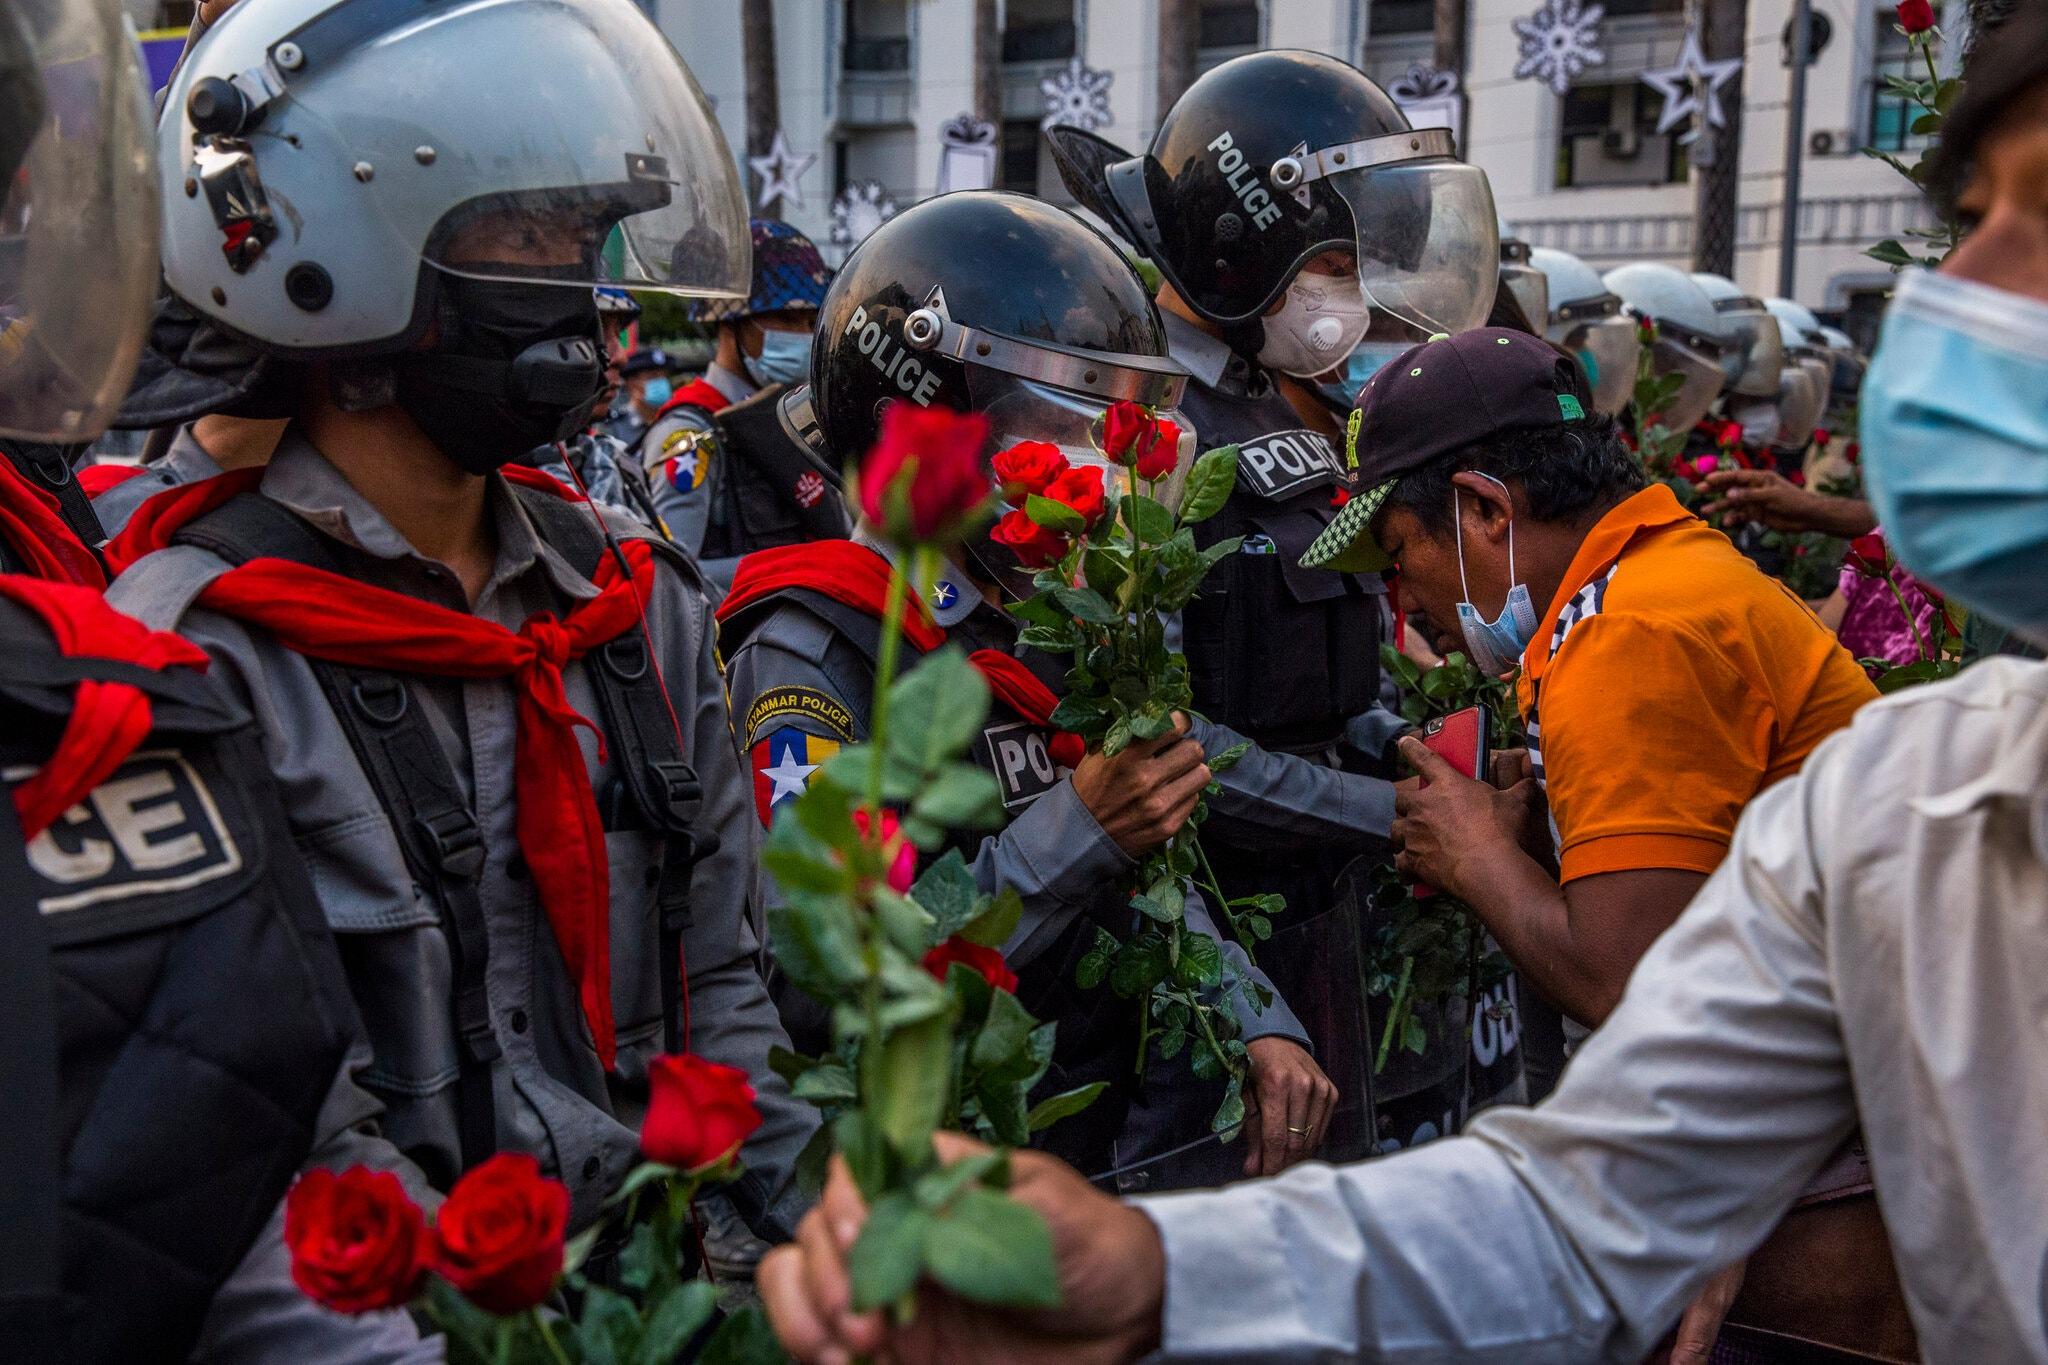 म्यांमार में प्रदर्शनकारियों ने पुलिस और फौज को गुलाब के फूल गिफ्ट किए। इसके जरिए उन्होंने बताया कि वे अपना लोकतांत्रिक अधिकार पाने के लिए आंदोलन कर रहे हैं।